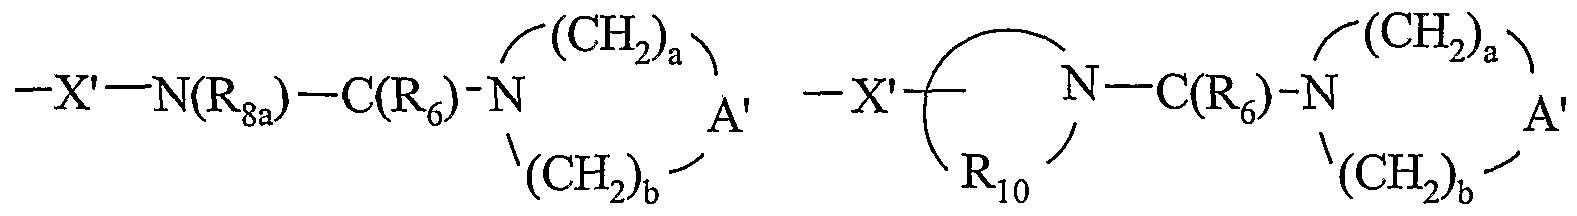 Figure imgf000051_0005